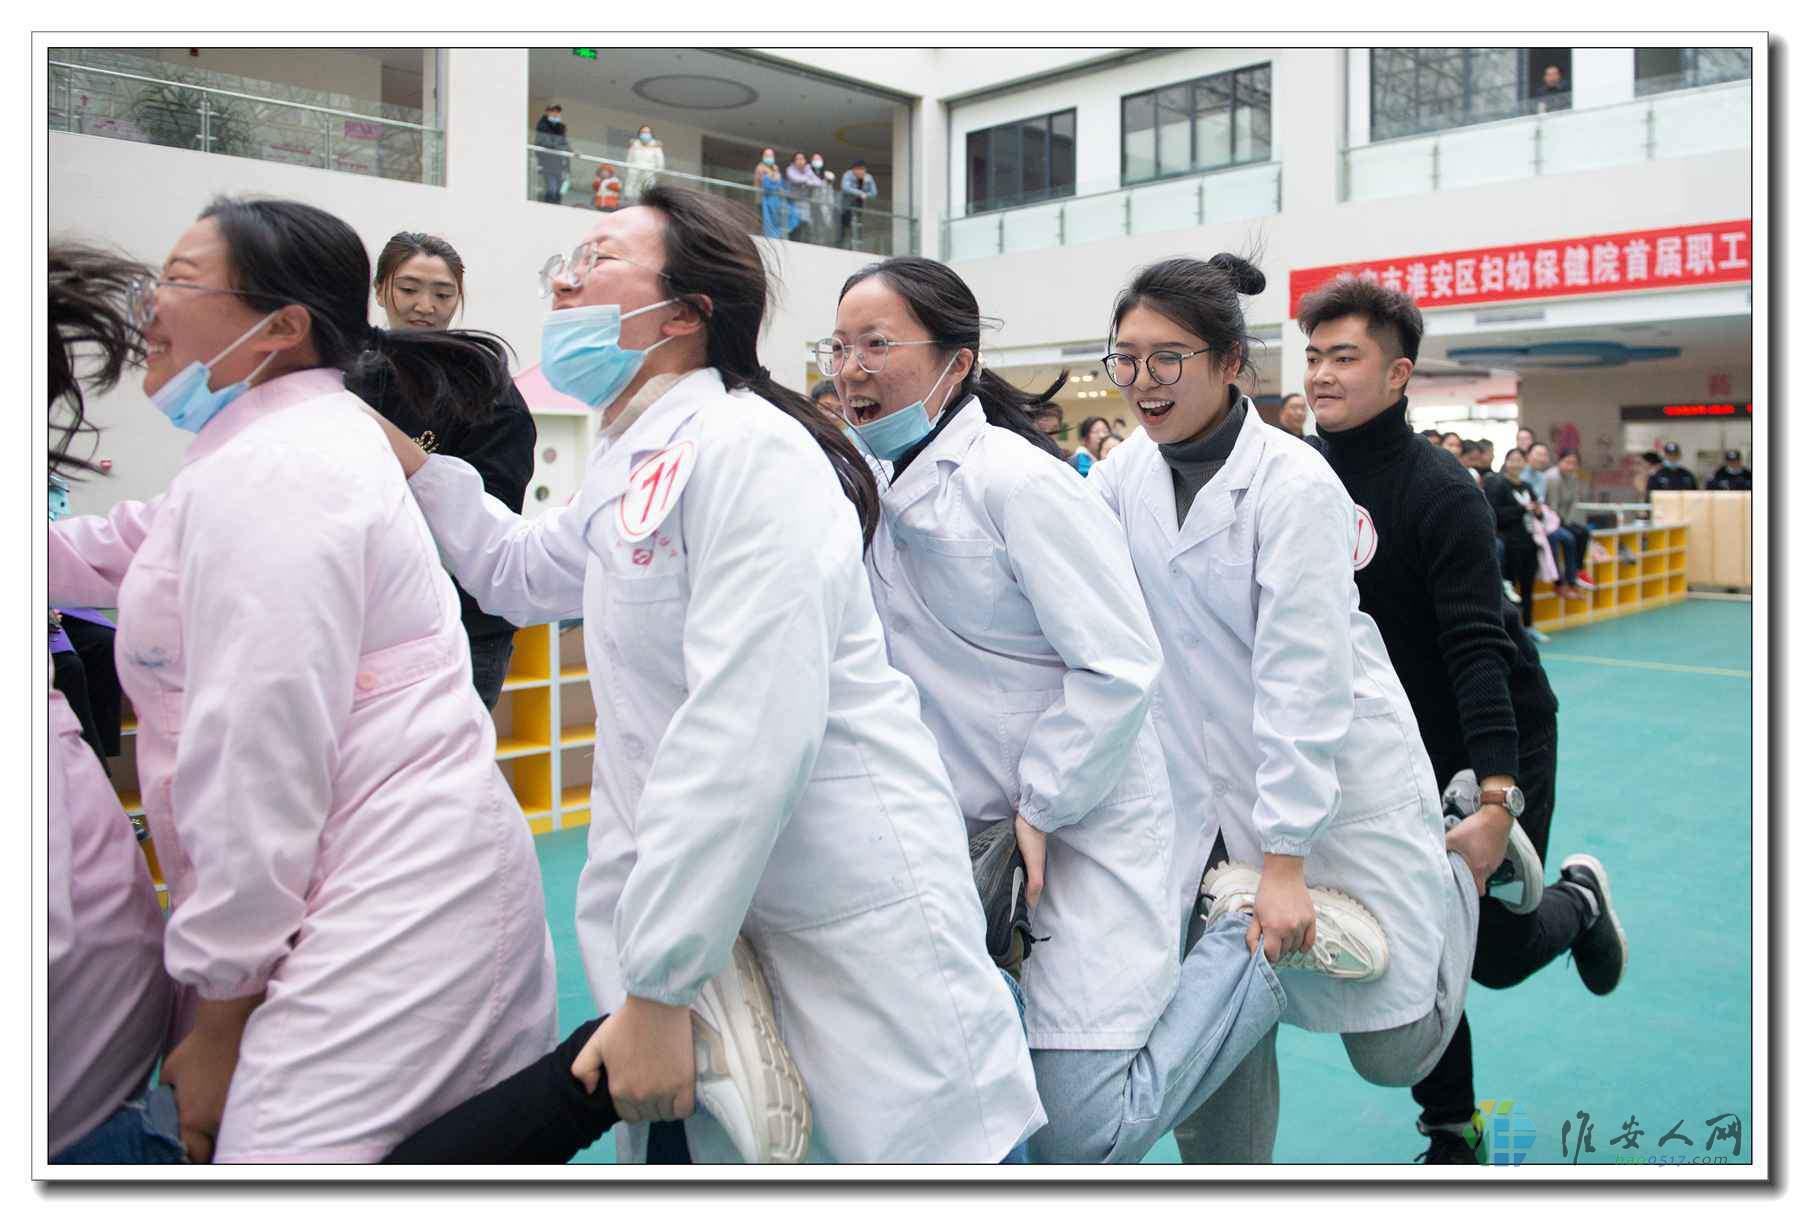 妇幼运动会-5.jpg